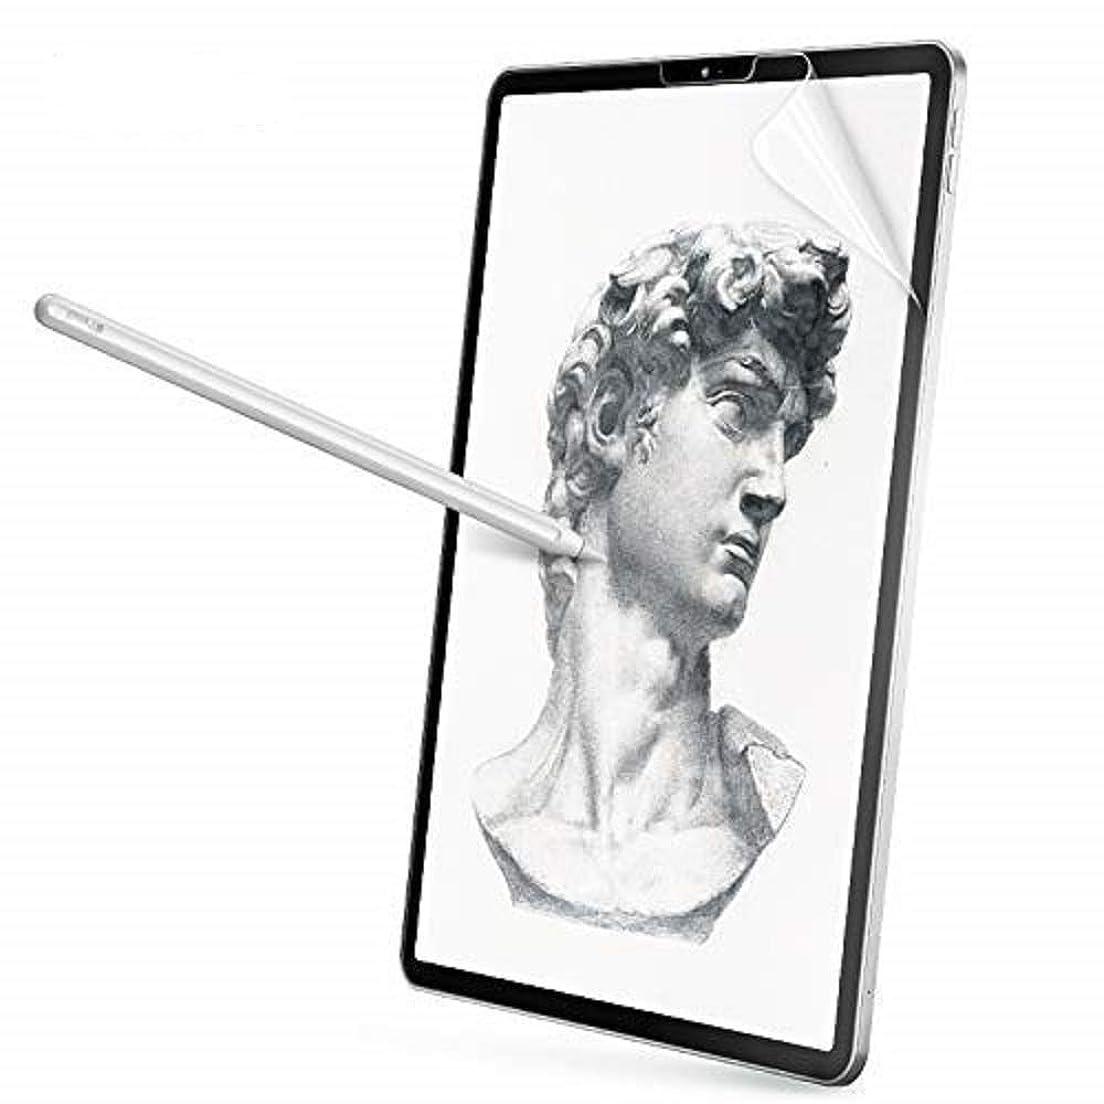 蛇行スキニーお気に入り手書きの紙に適して iPad Pro 11 inch インチ ペーパーライク 保護フィルム アンチグレア 反射低減 非光沢 日本製 フィルム絵画フィルムつや消し紙模造紙フィルム(For ipad pro 11 inch)